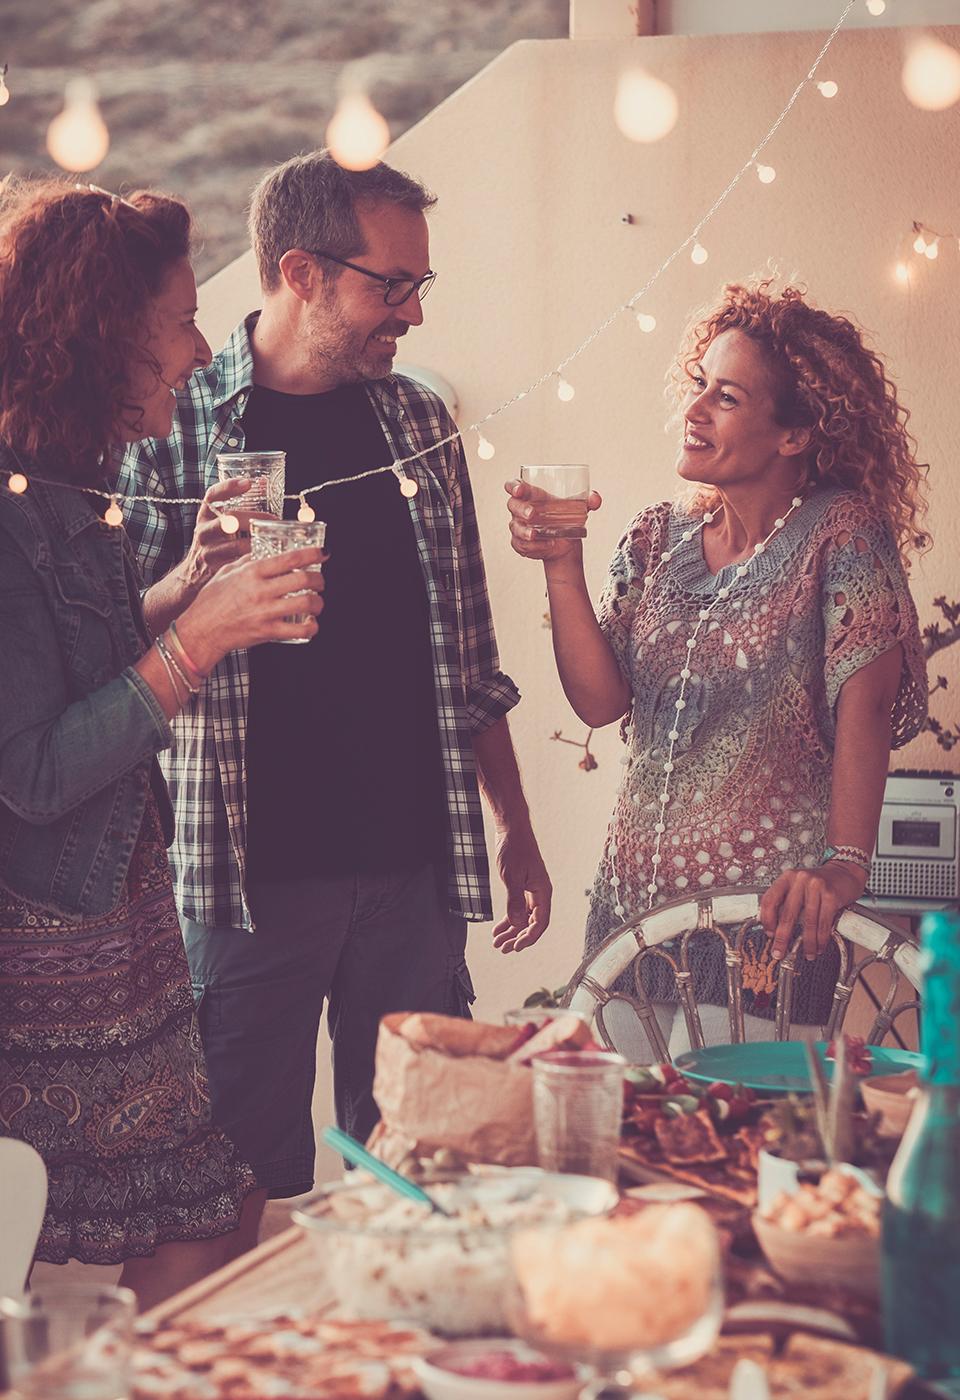 Communicatie strategie. Vrienden tijdens een feestje.